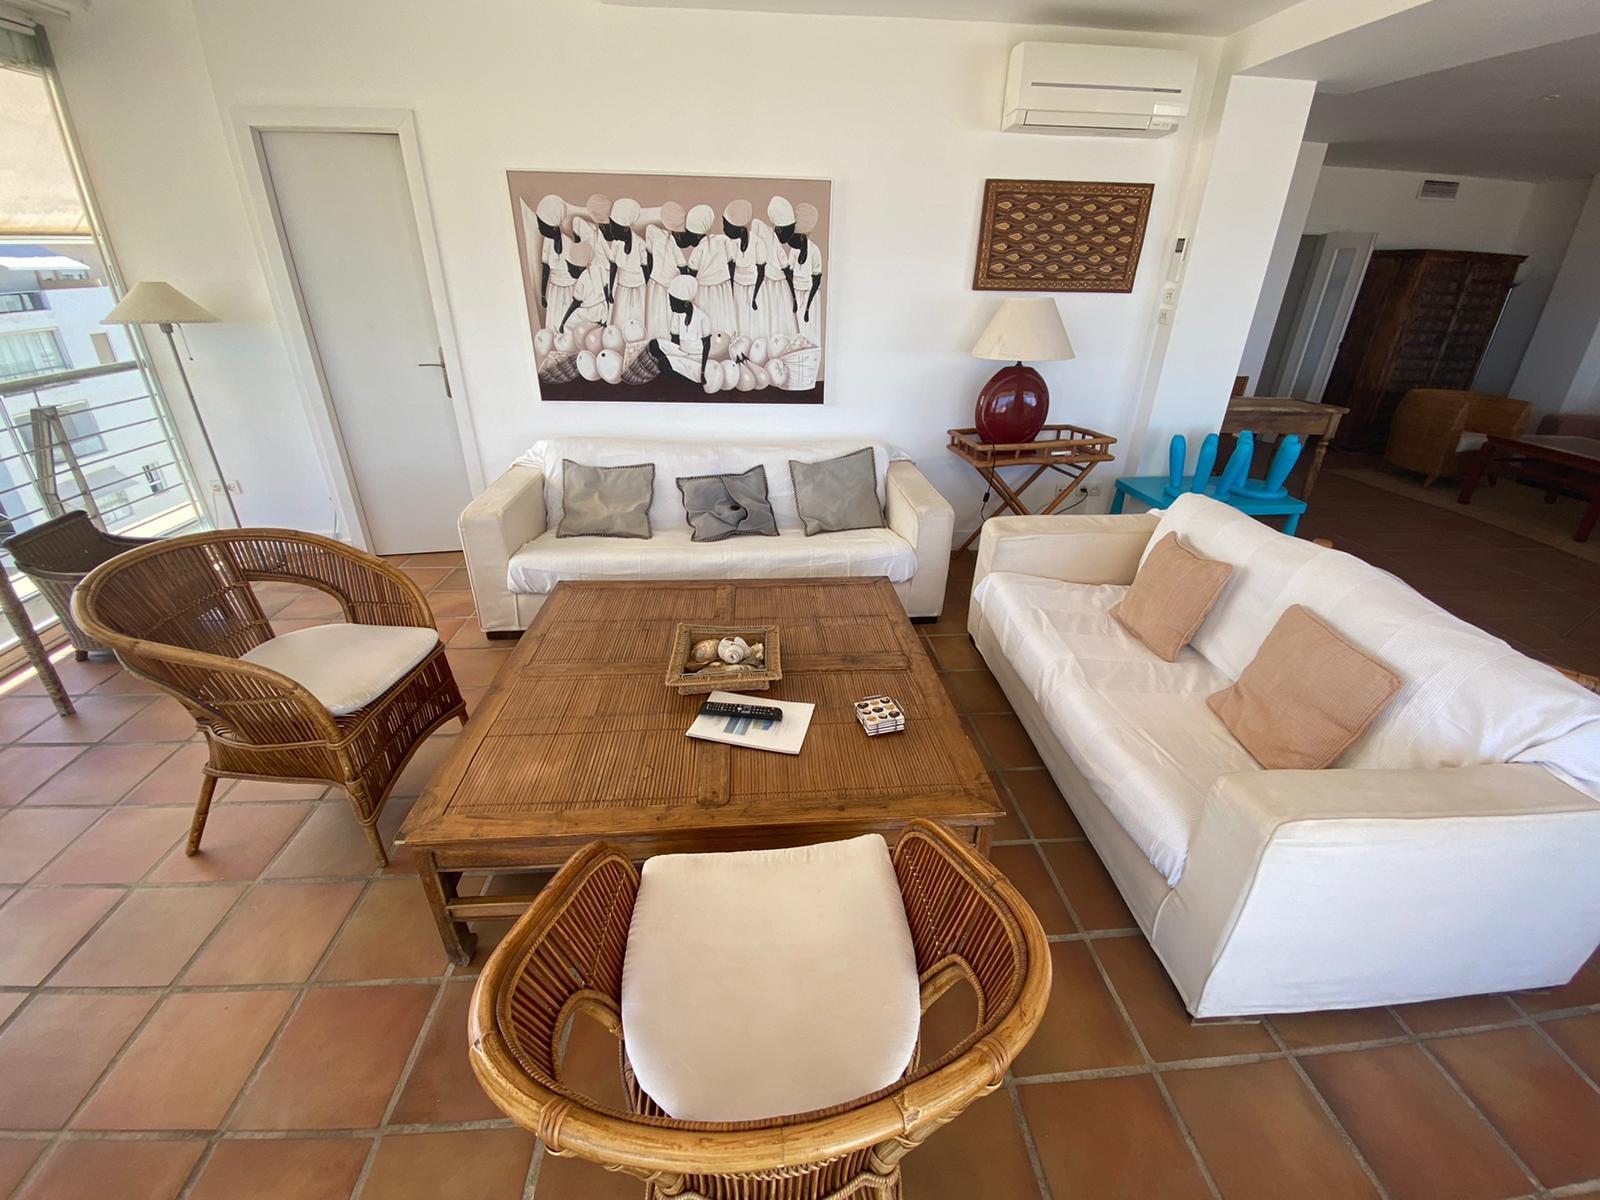 Imagen 13 del Apartamento Turístico, Ático 3 Levante, Frontal (4d+2b), Punta del Moral (HUELVA), Paseo de la Cruz nº22